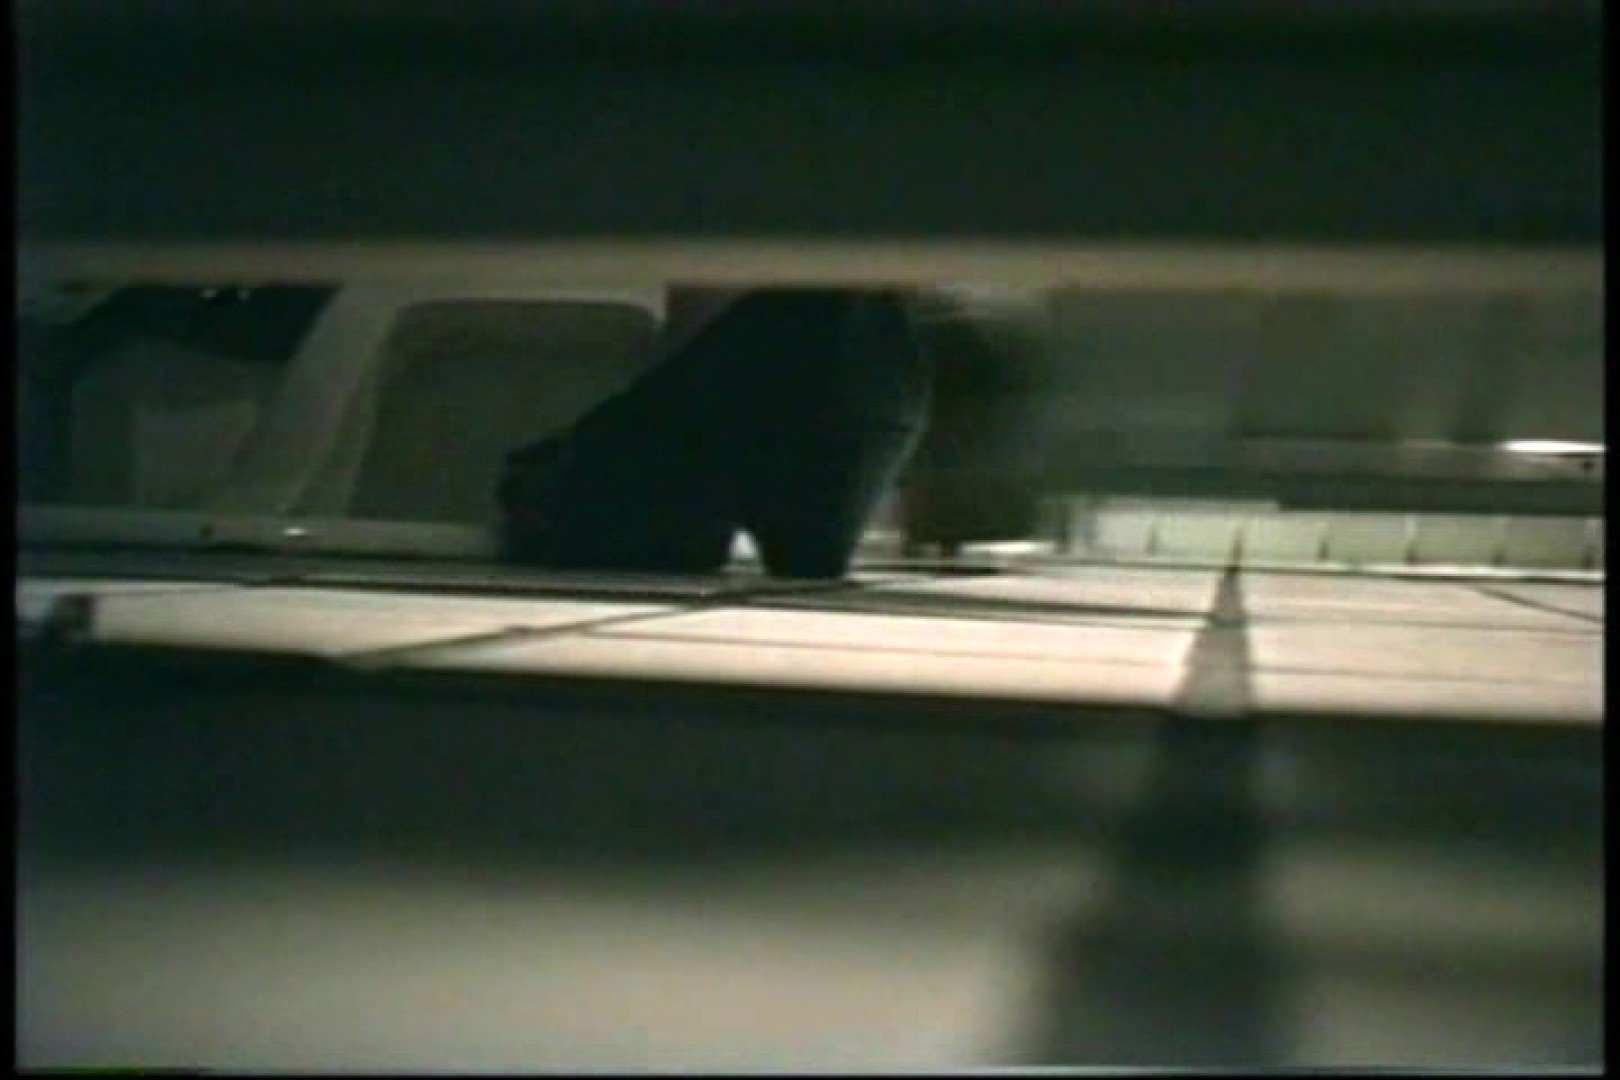 様式 和式 ところかまわず、厠覗き! 厠・・・ エロ無料画像 83PIX 83